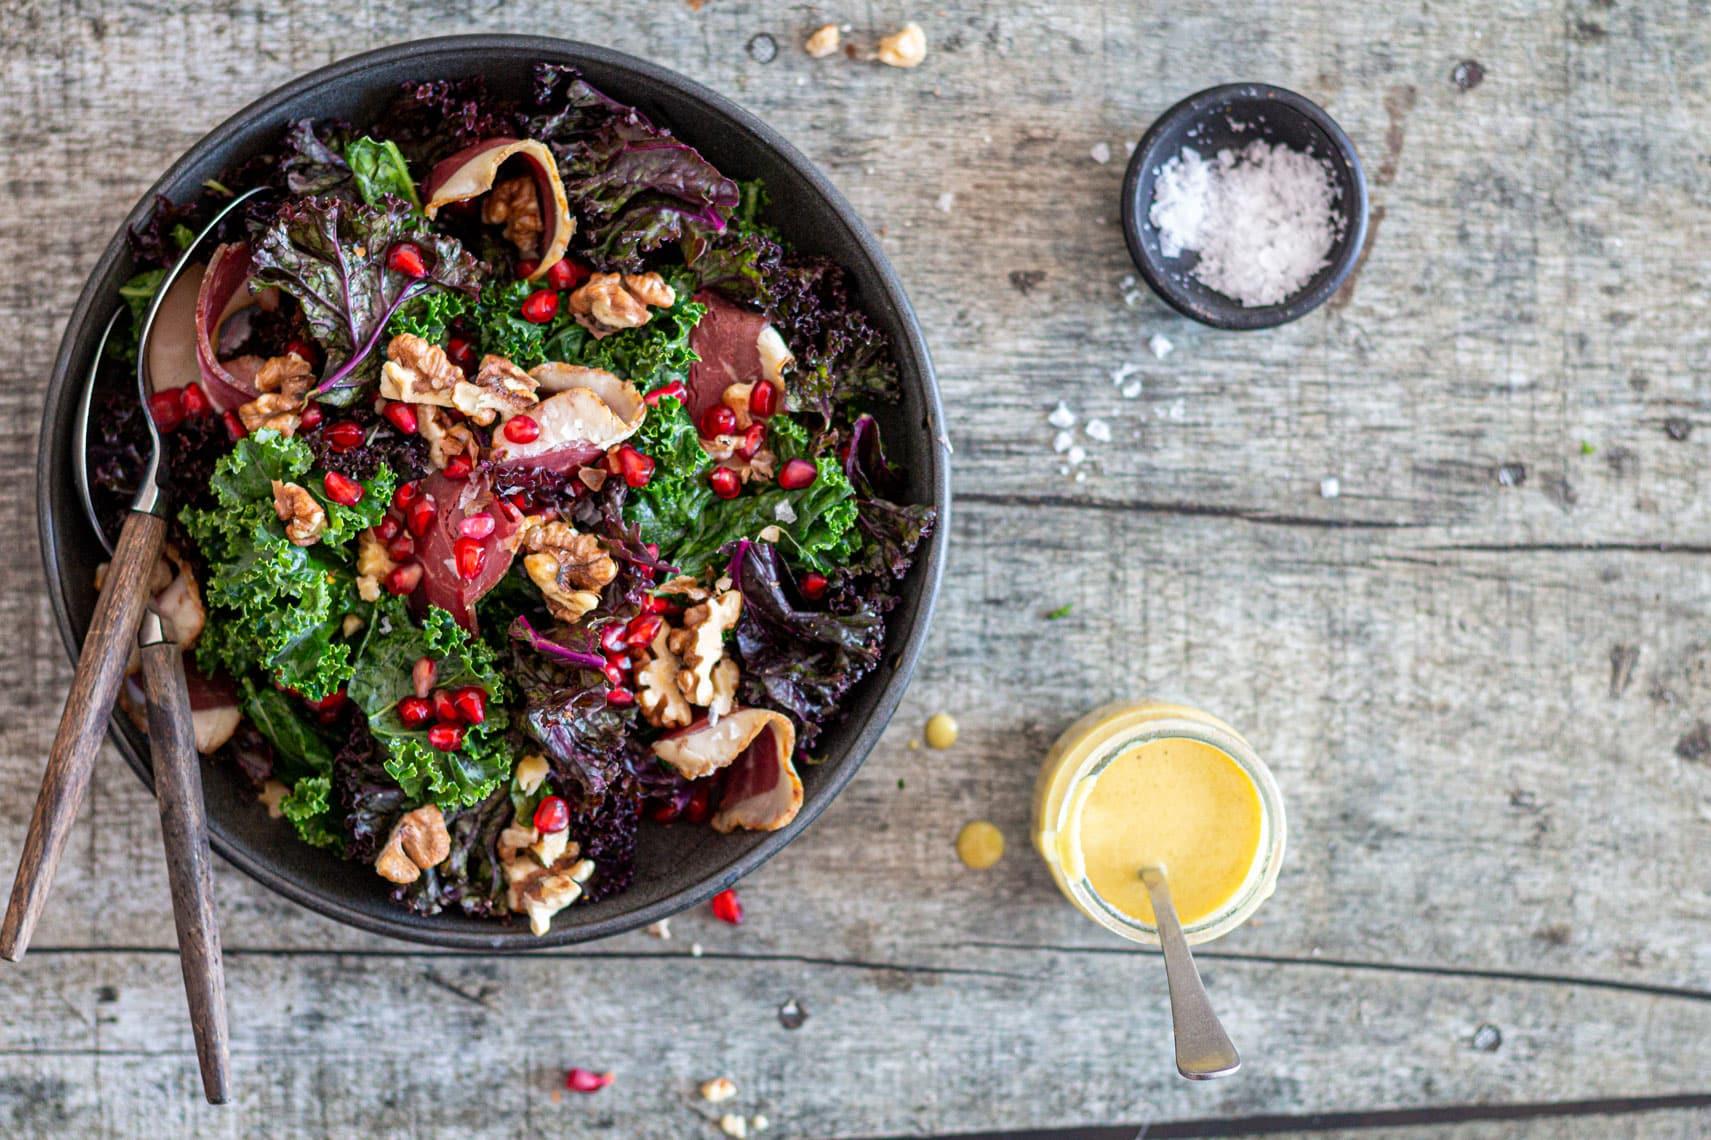 Grønkålssalat med røget andebryst - lækker grov og mættende salat til det kolde vinterhalvår